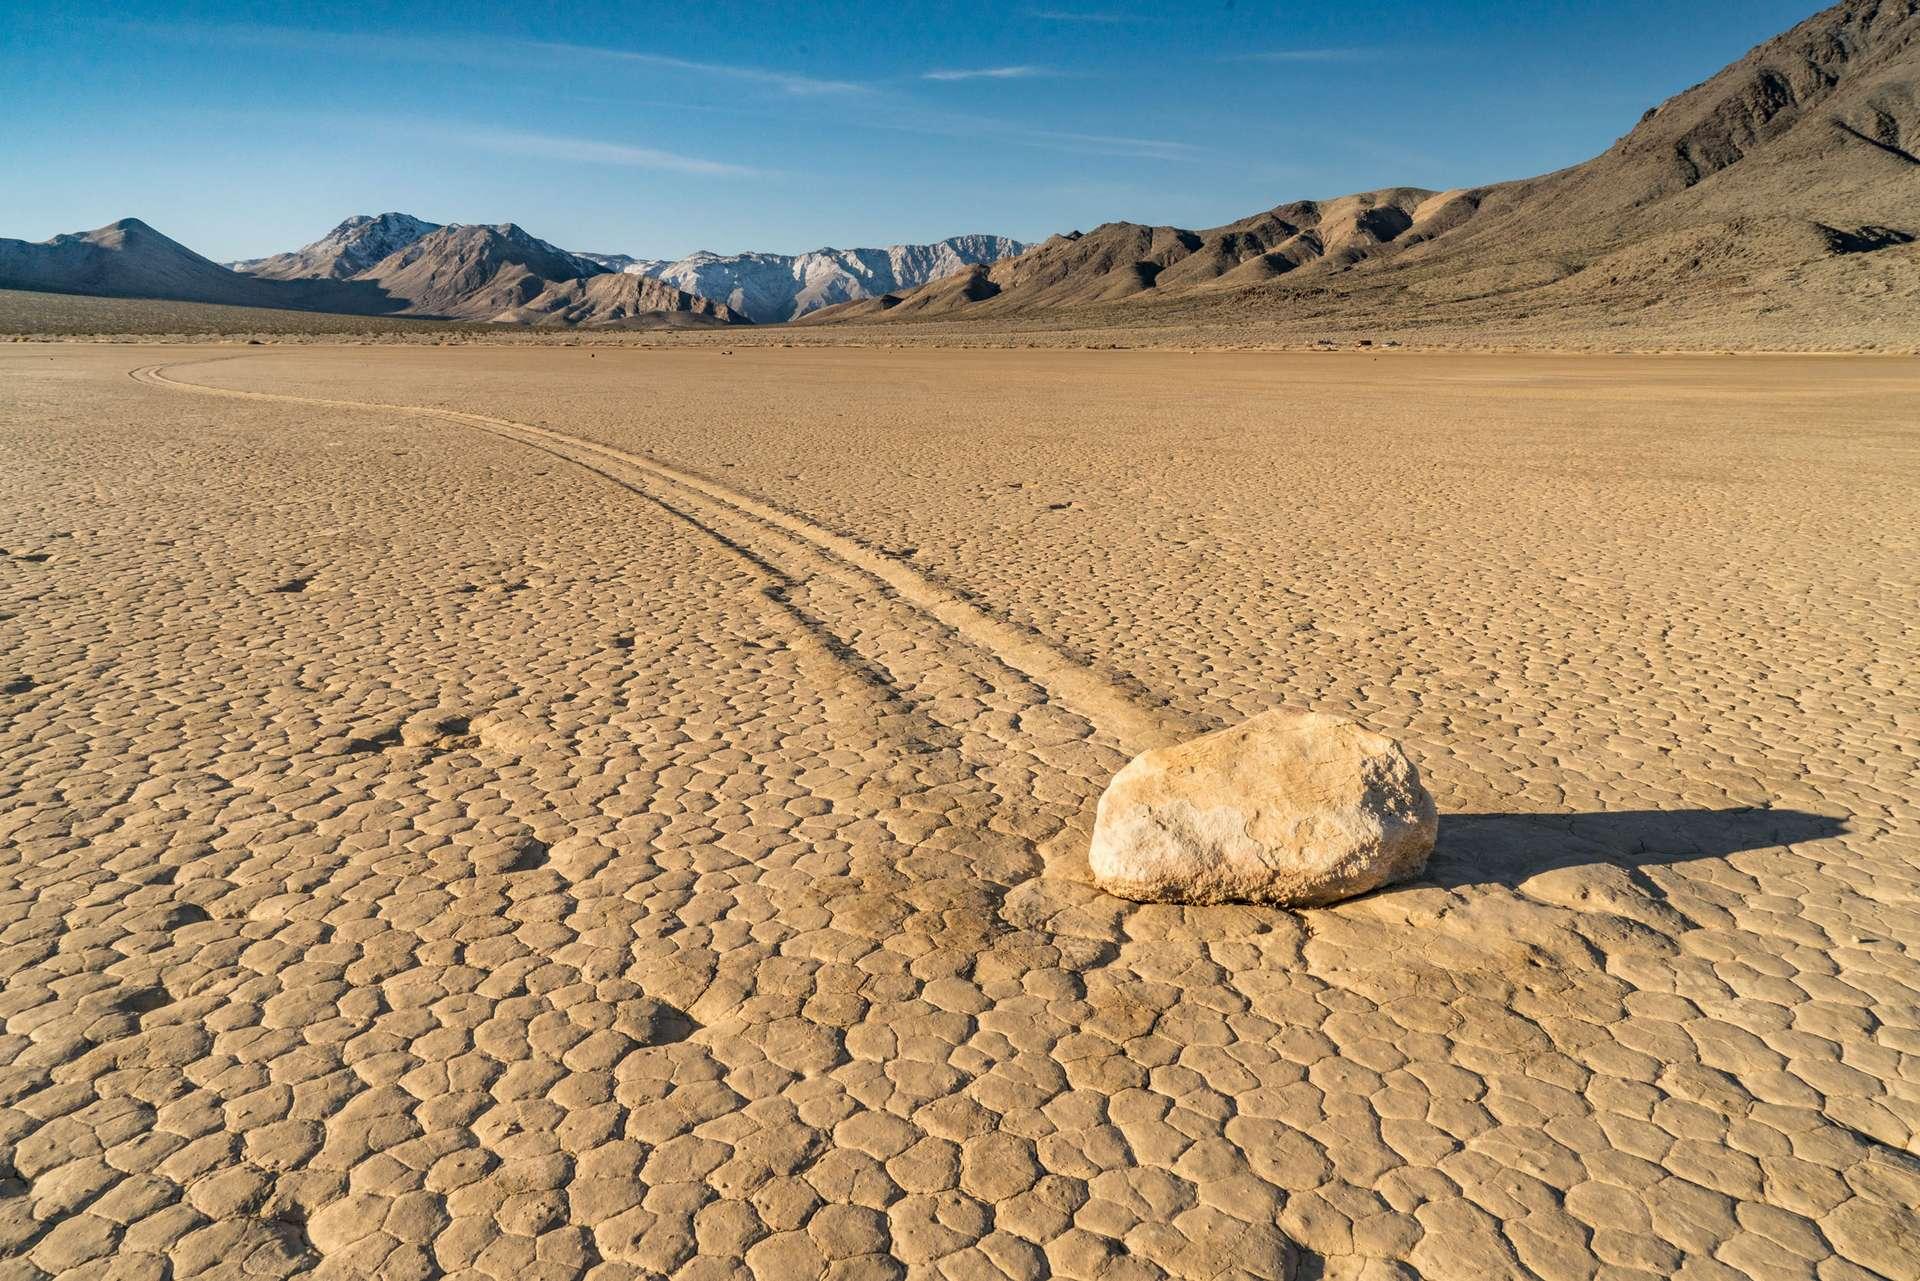 54,4 °C ! Cette température relevée dimanche dans la Vallée de la mort doit encore être vérifiée, précise l'Organisation météorologique mondiale (OMM). © Pabrady63, Adobe Stock